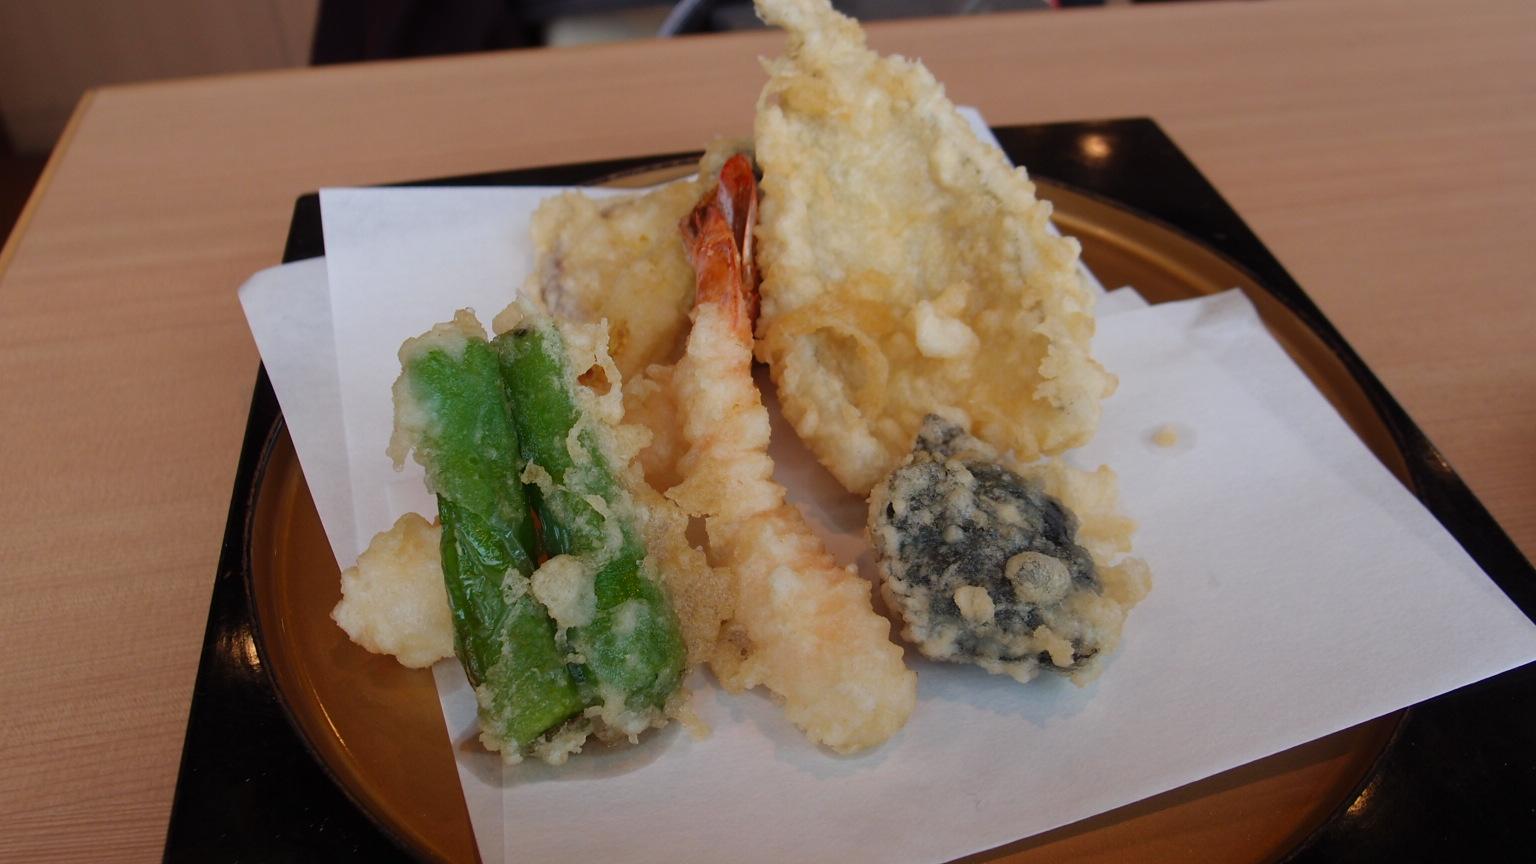 銀座 ひさご@三越 お昼のサービス定食